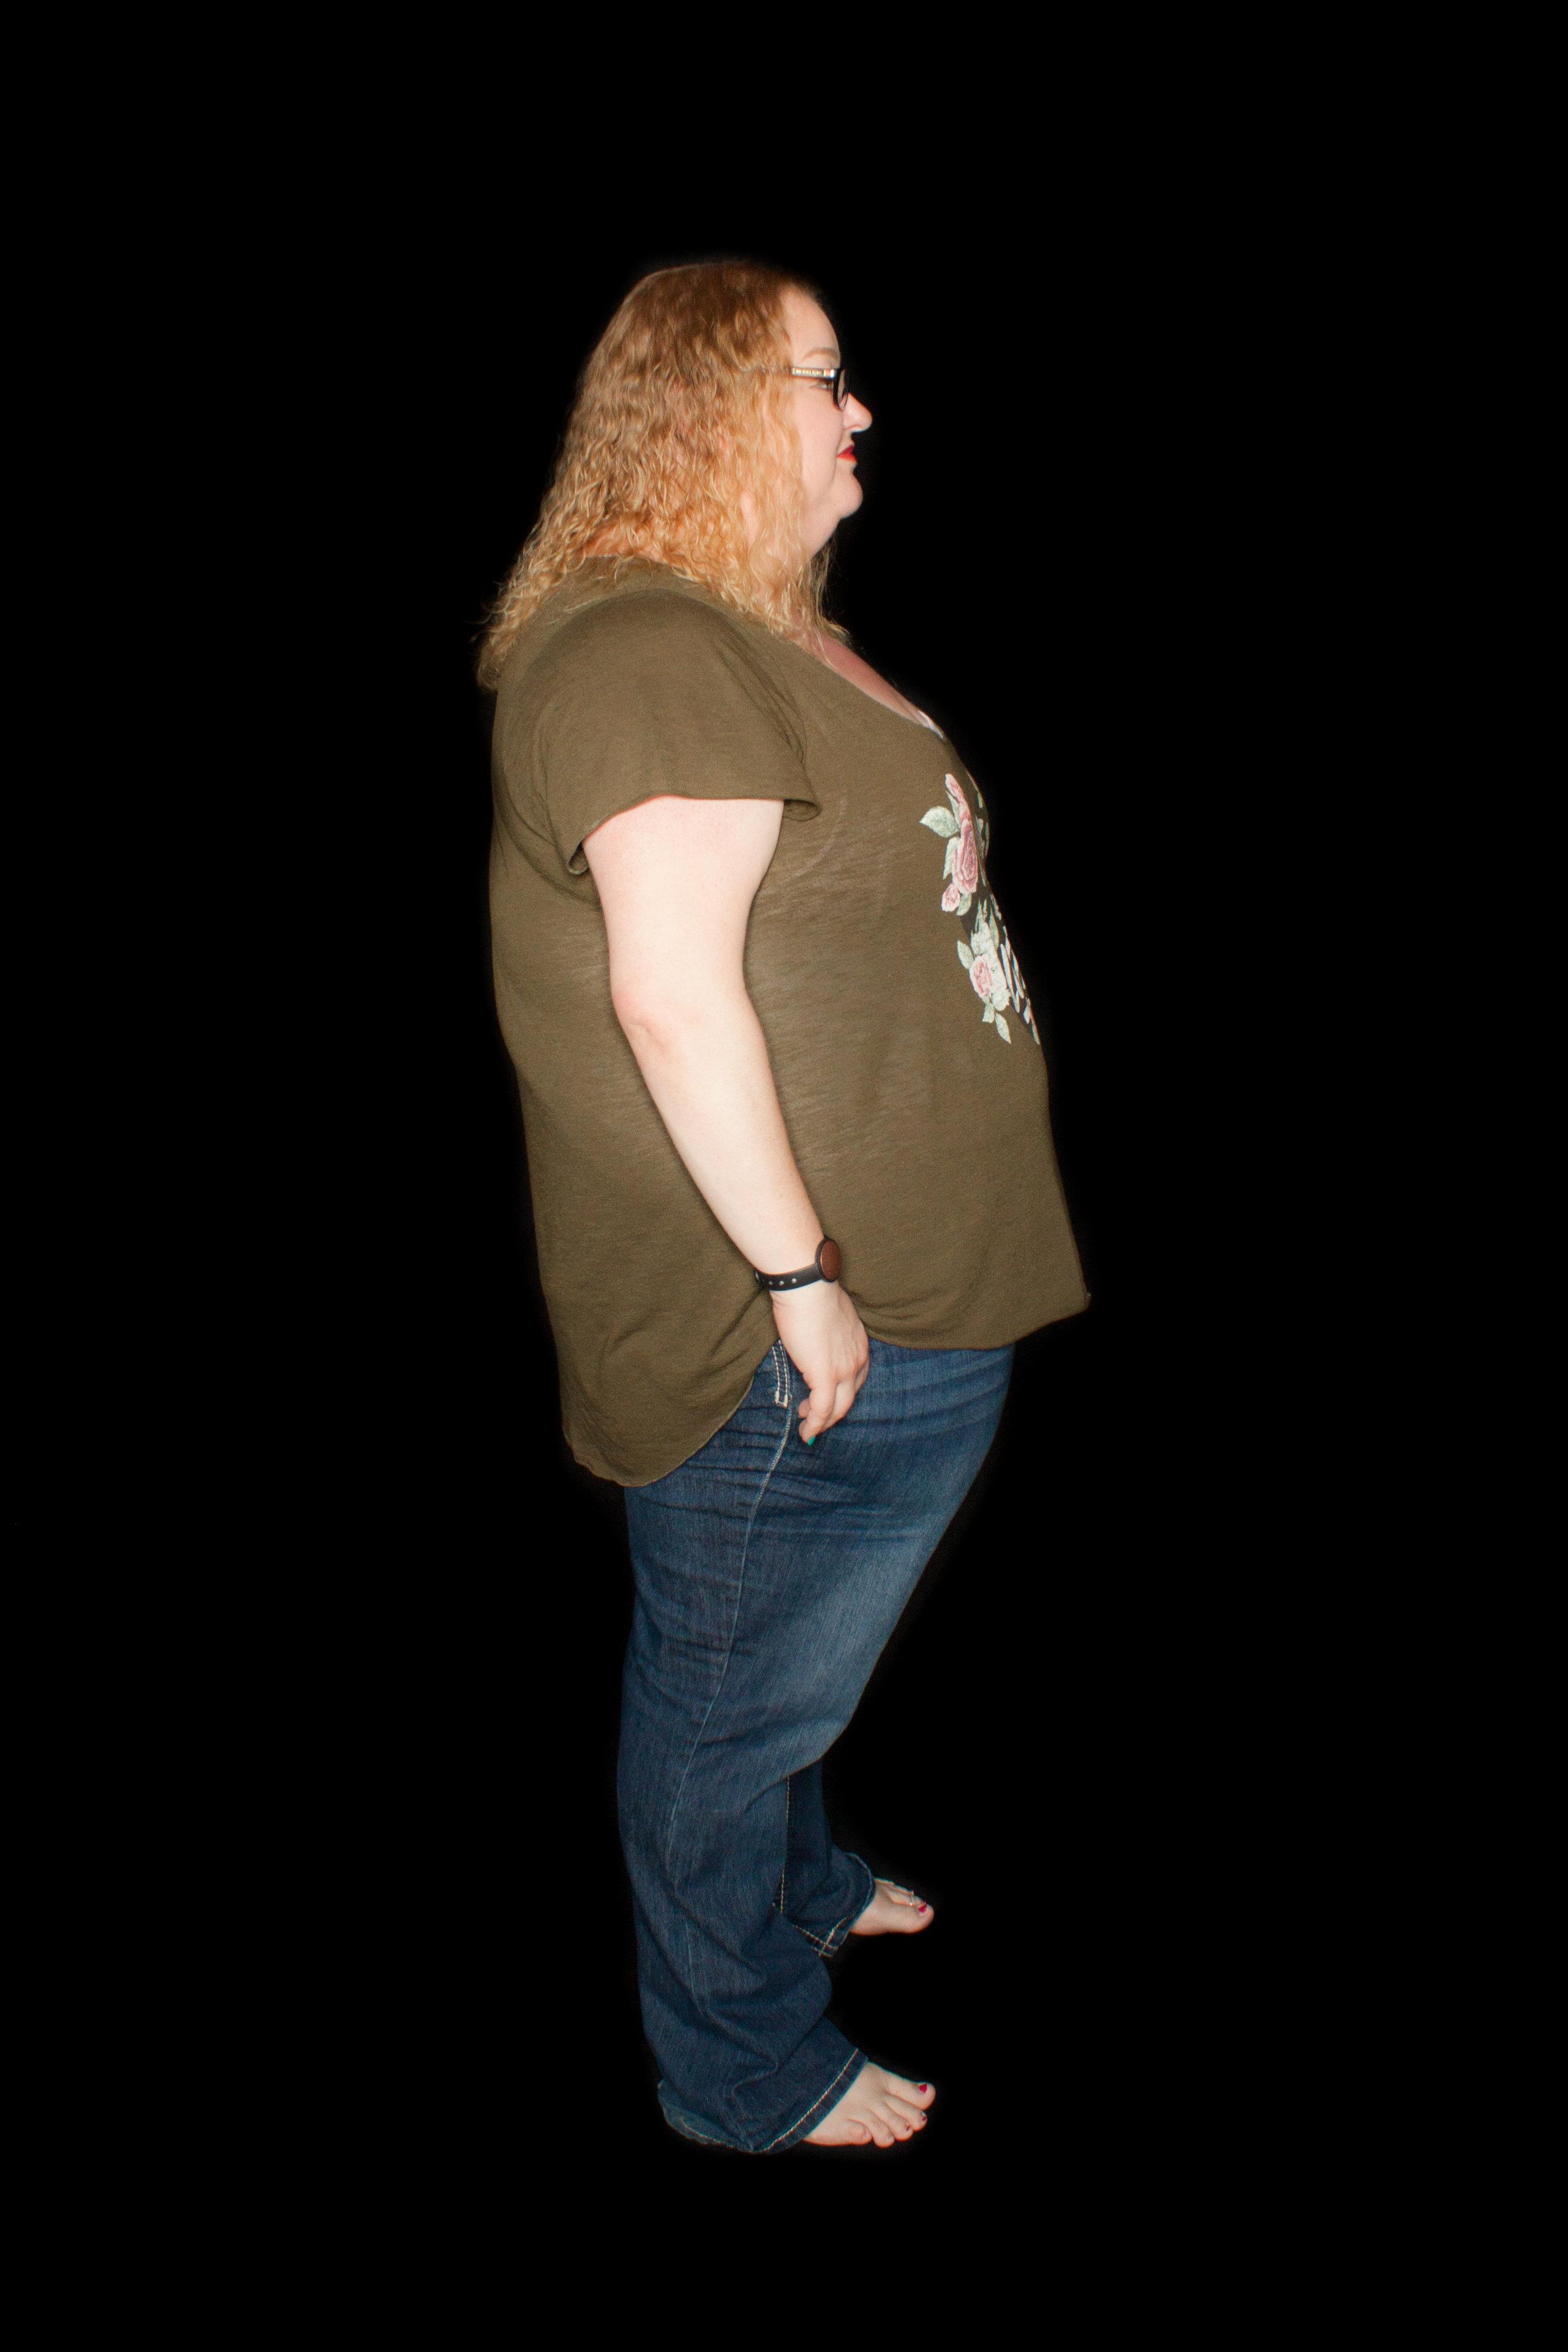 weightlossjourney-personalportraits-whitewaterwi-katydaixonphotography-2.jpg